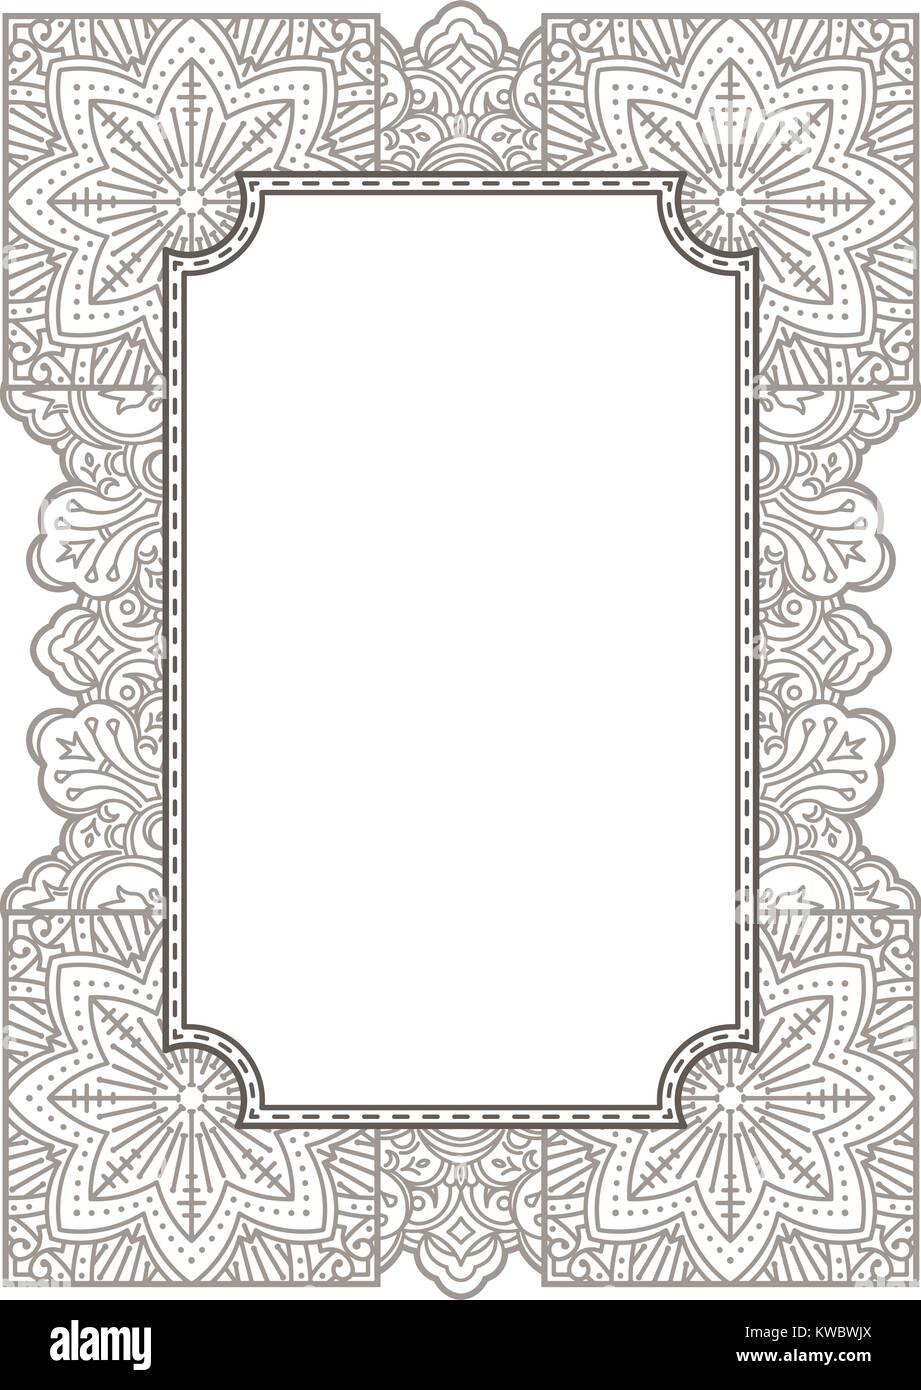 Florales Ornament Mehndi Henna Tattoo Vintage Banner Frame Karte